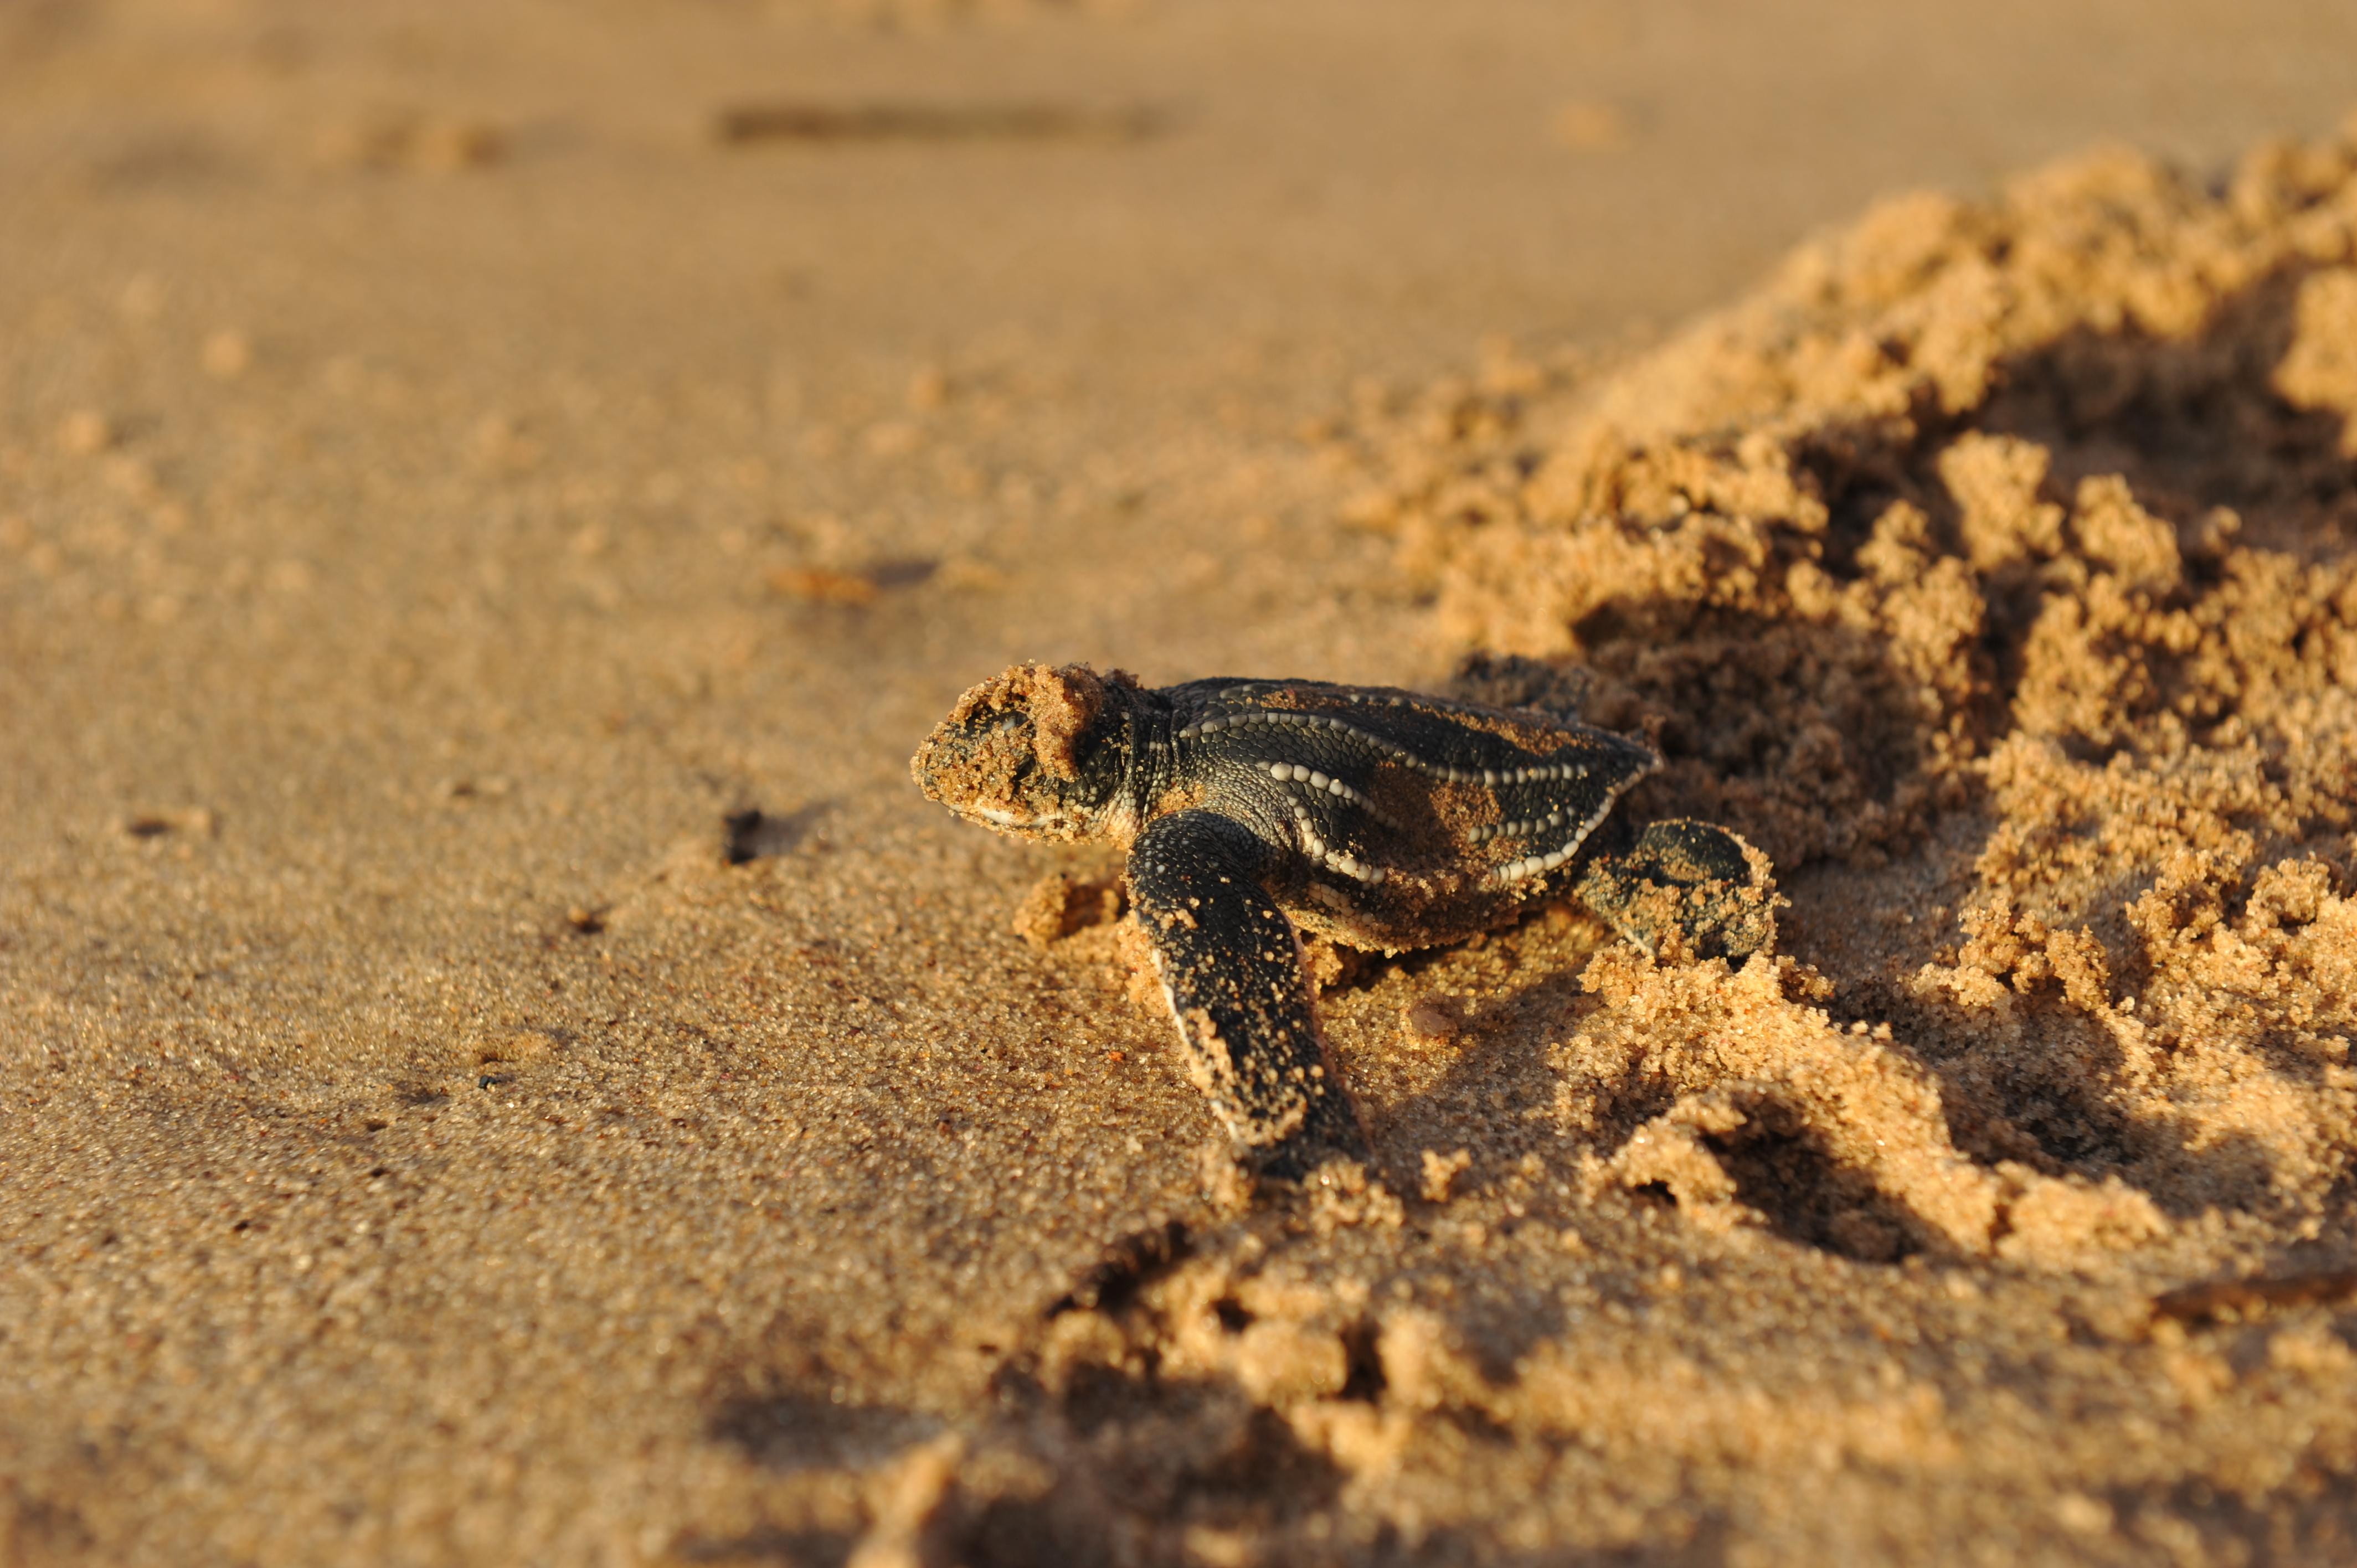 leatherback-hatchling-sand